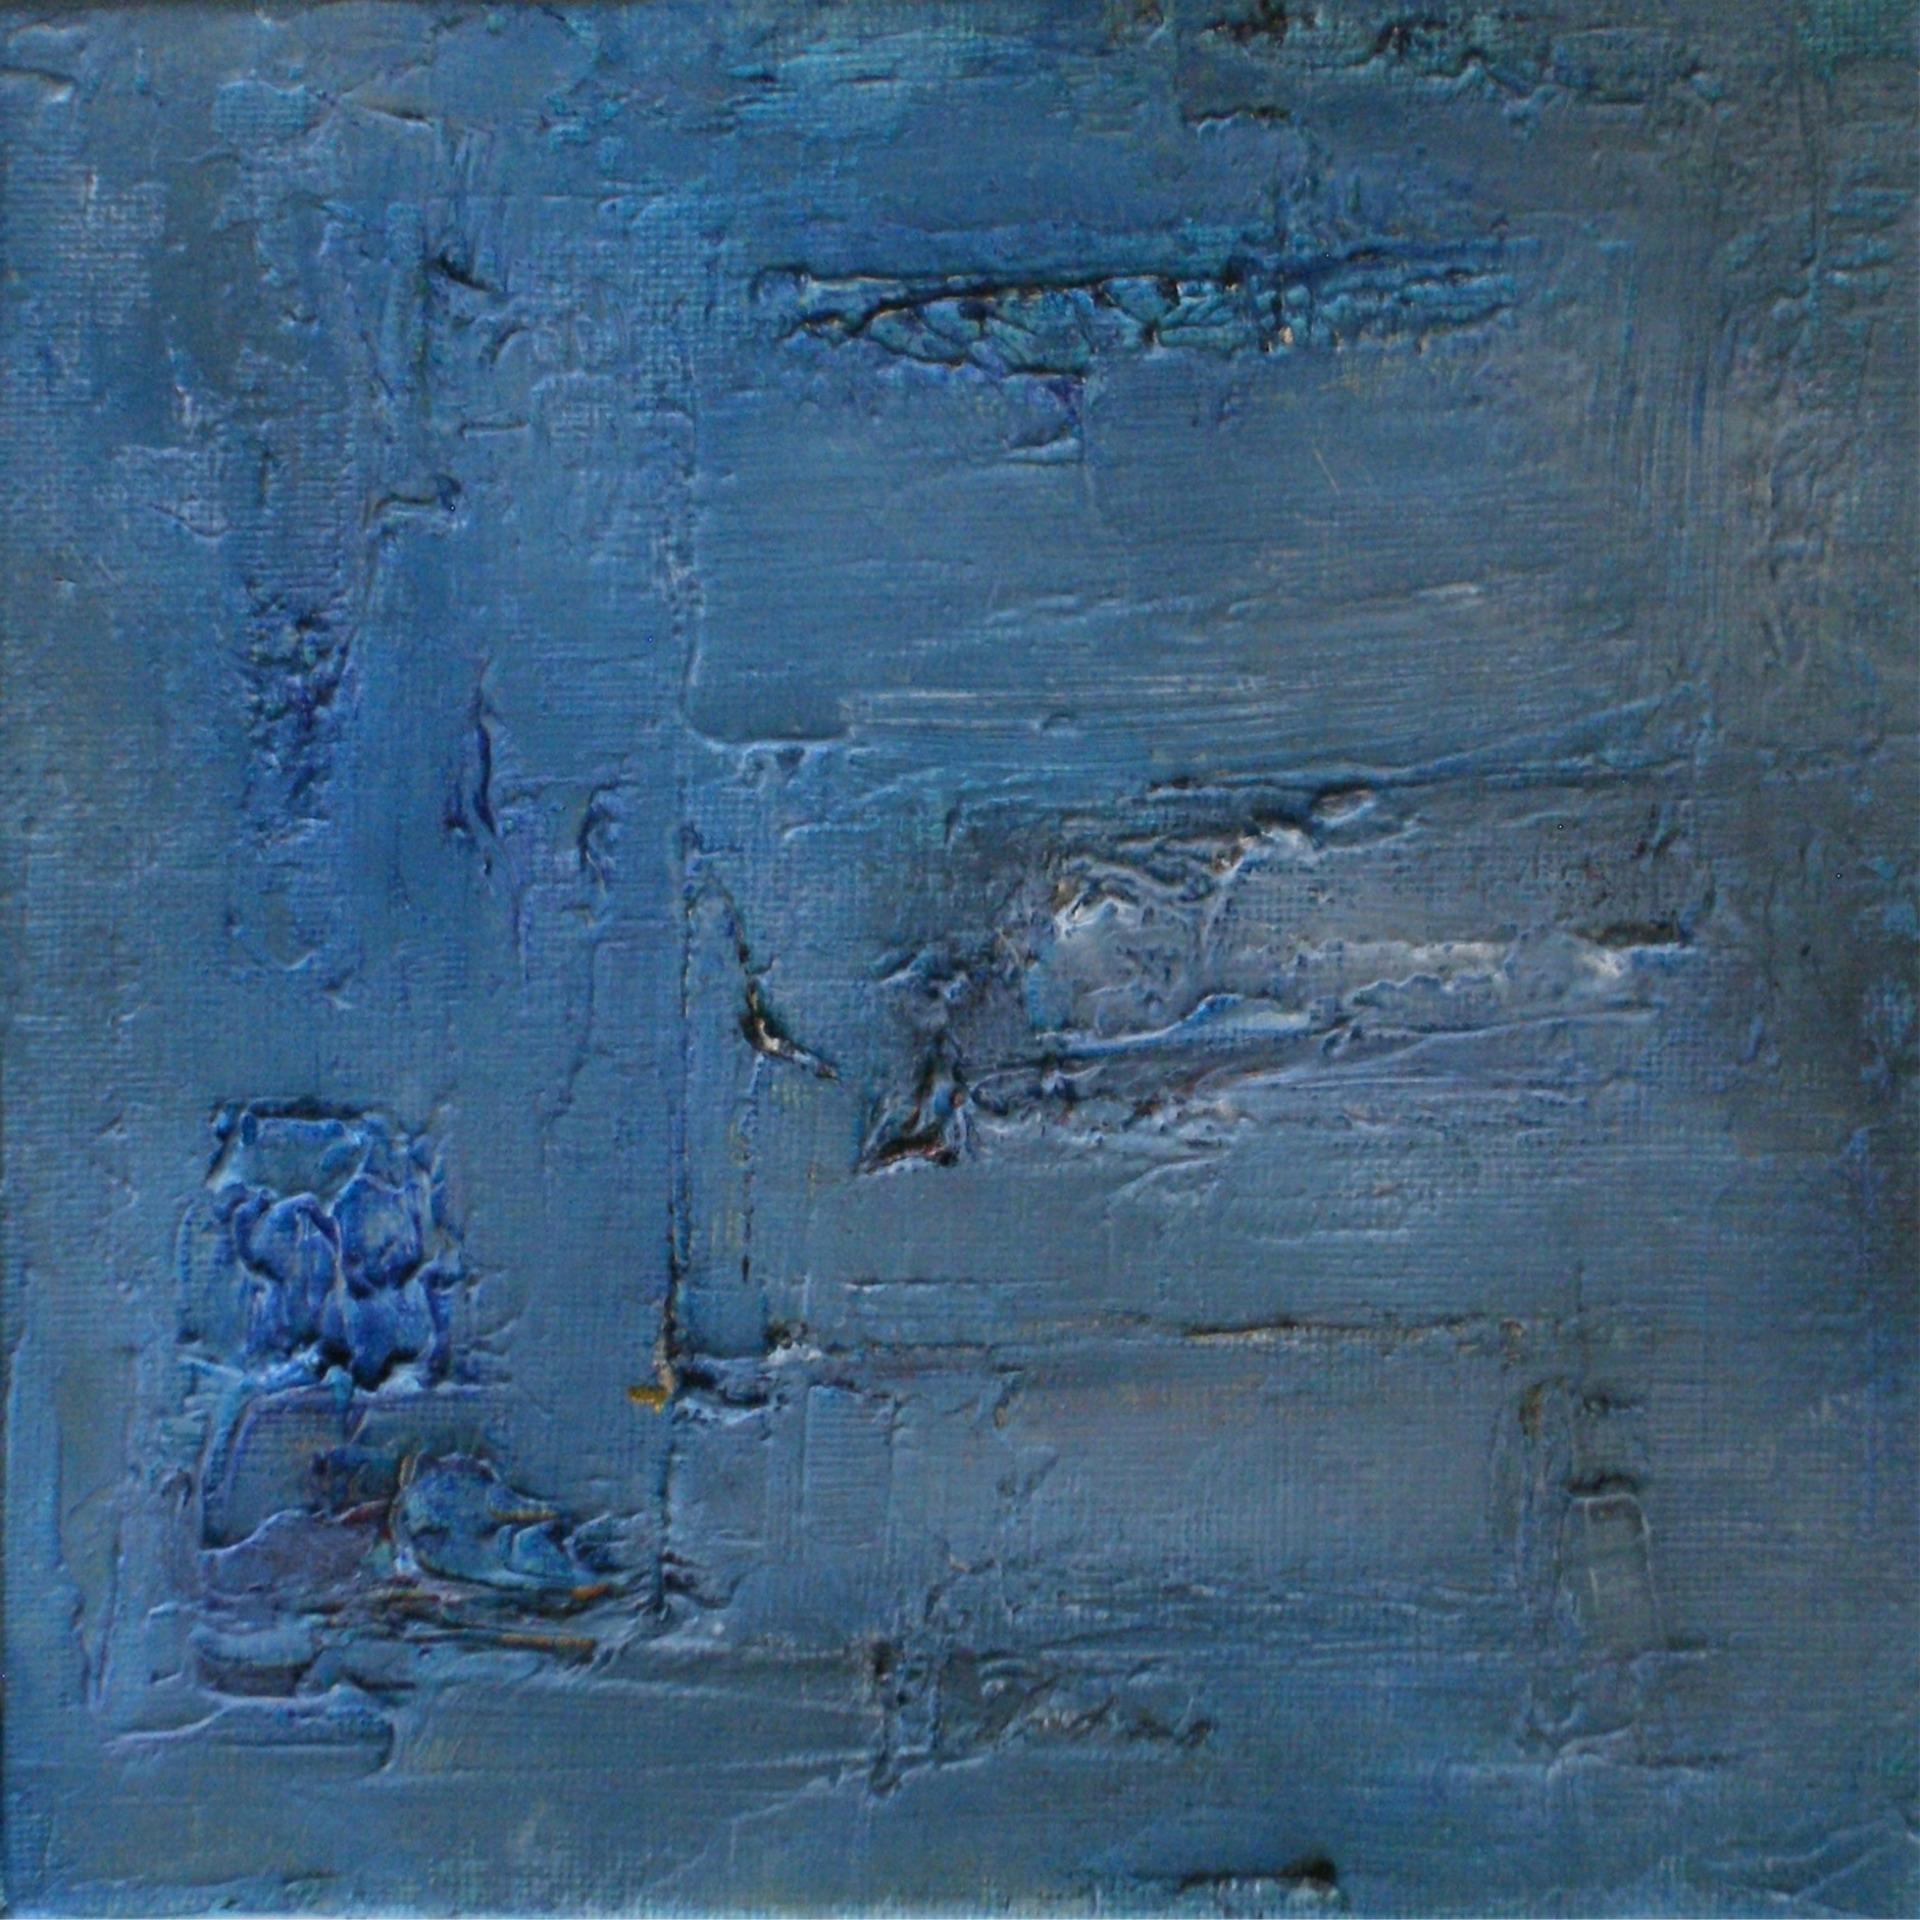 Blue Oil - I